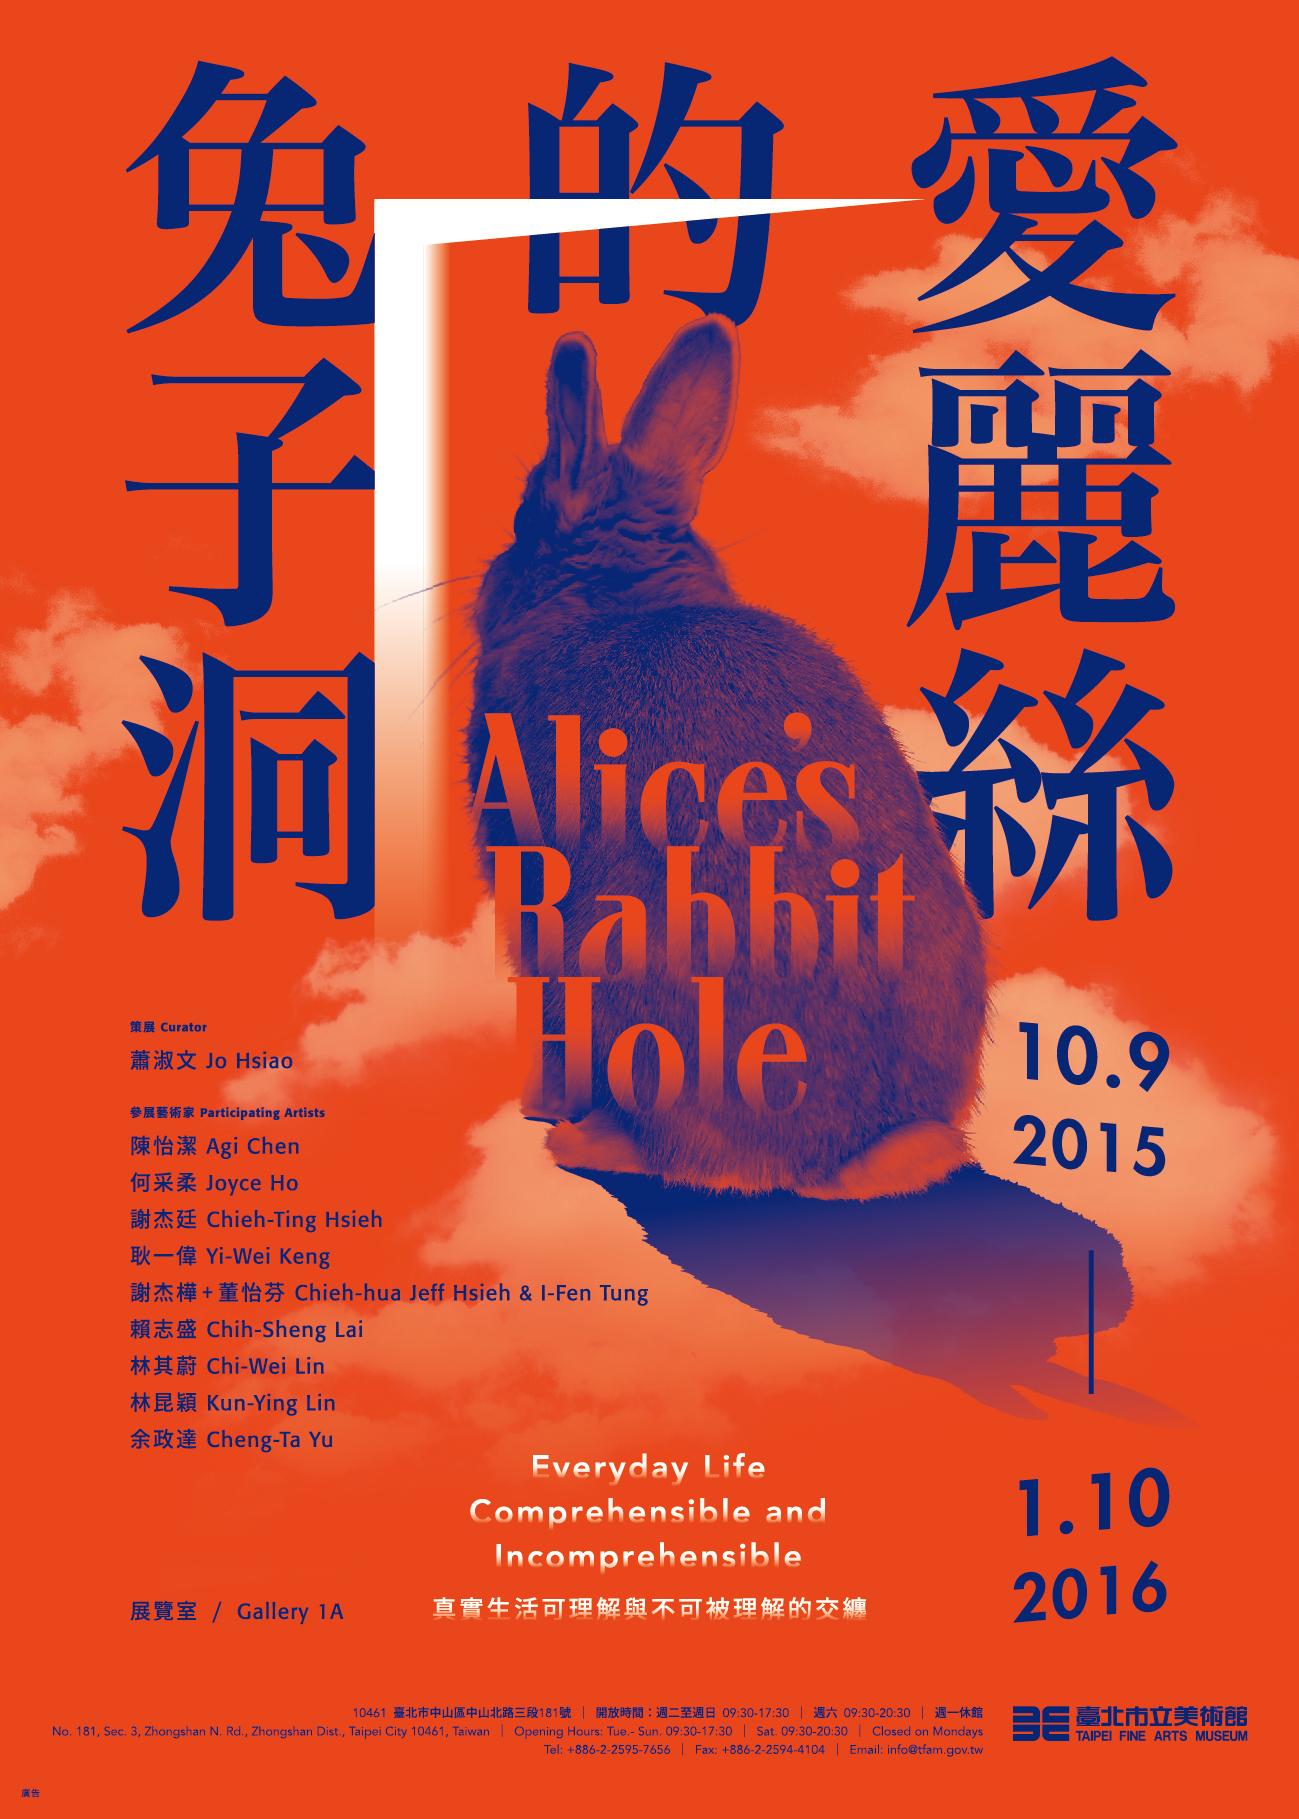 【臺北市立美術館】愛麗絲的兔子洞|真實生活:可理解與不可被理解的交纏